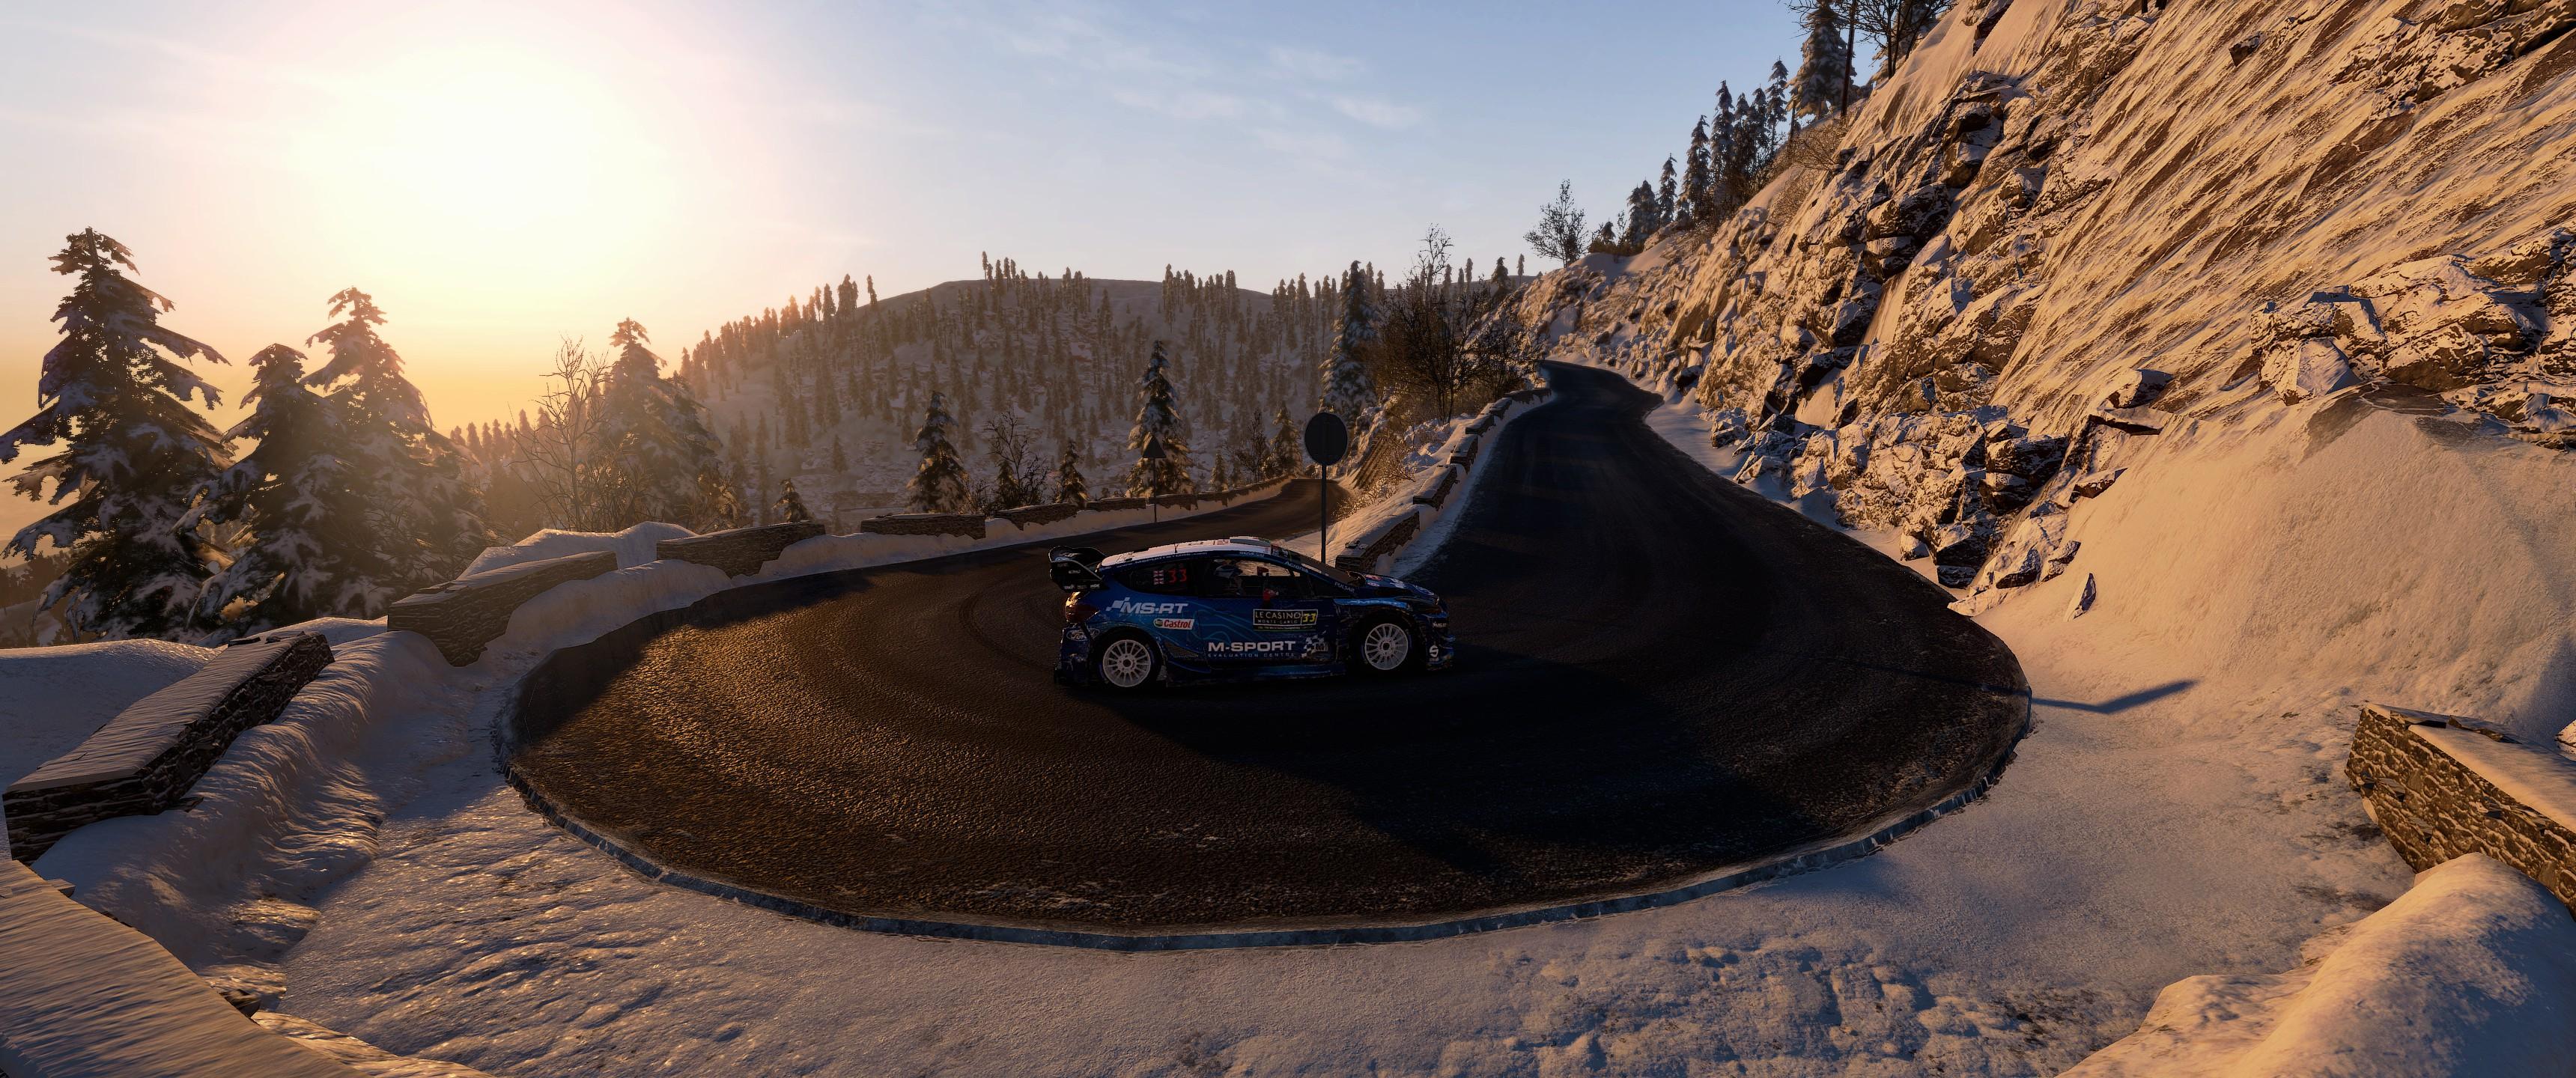 WRC8 2019-11-19 22-59-21.jpg